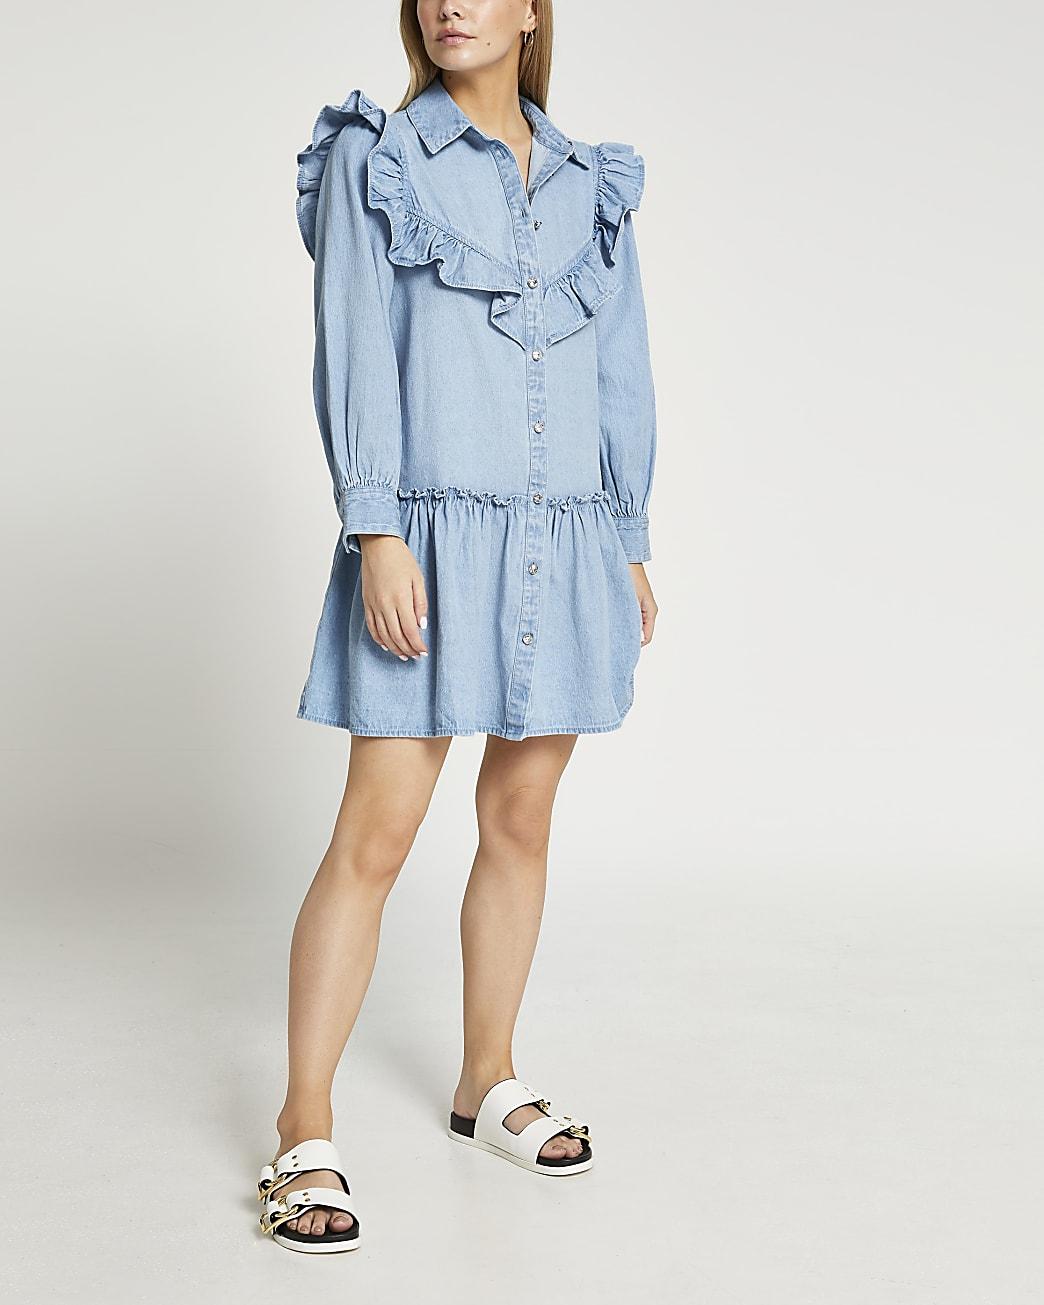 Petite blue frill detail shirt dress